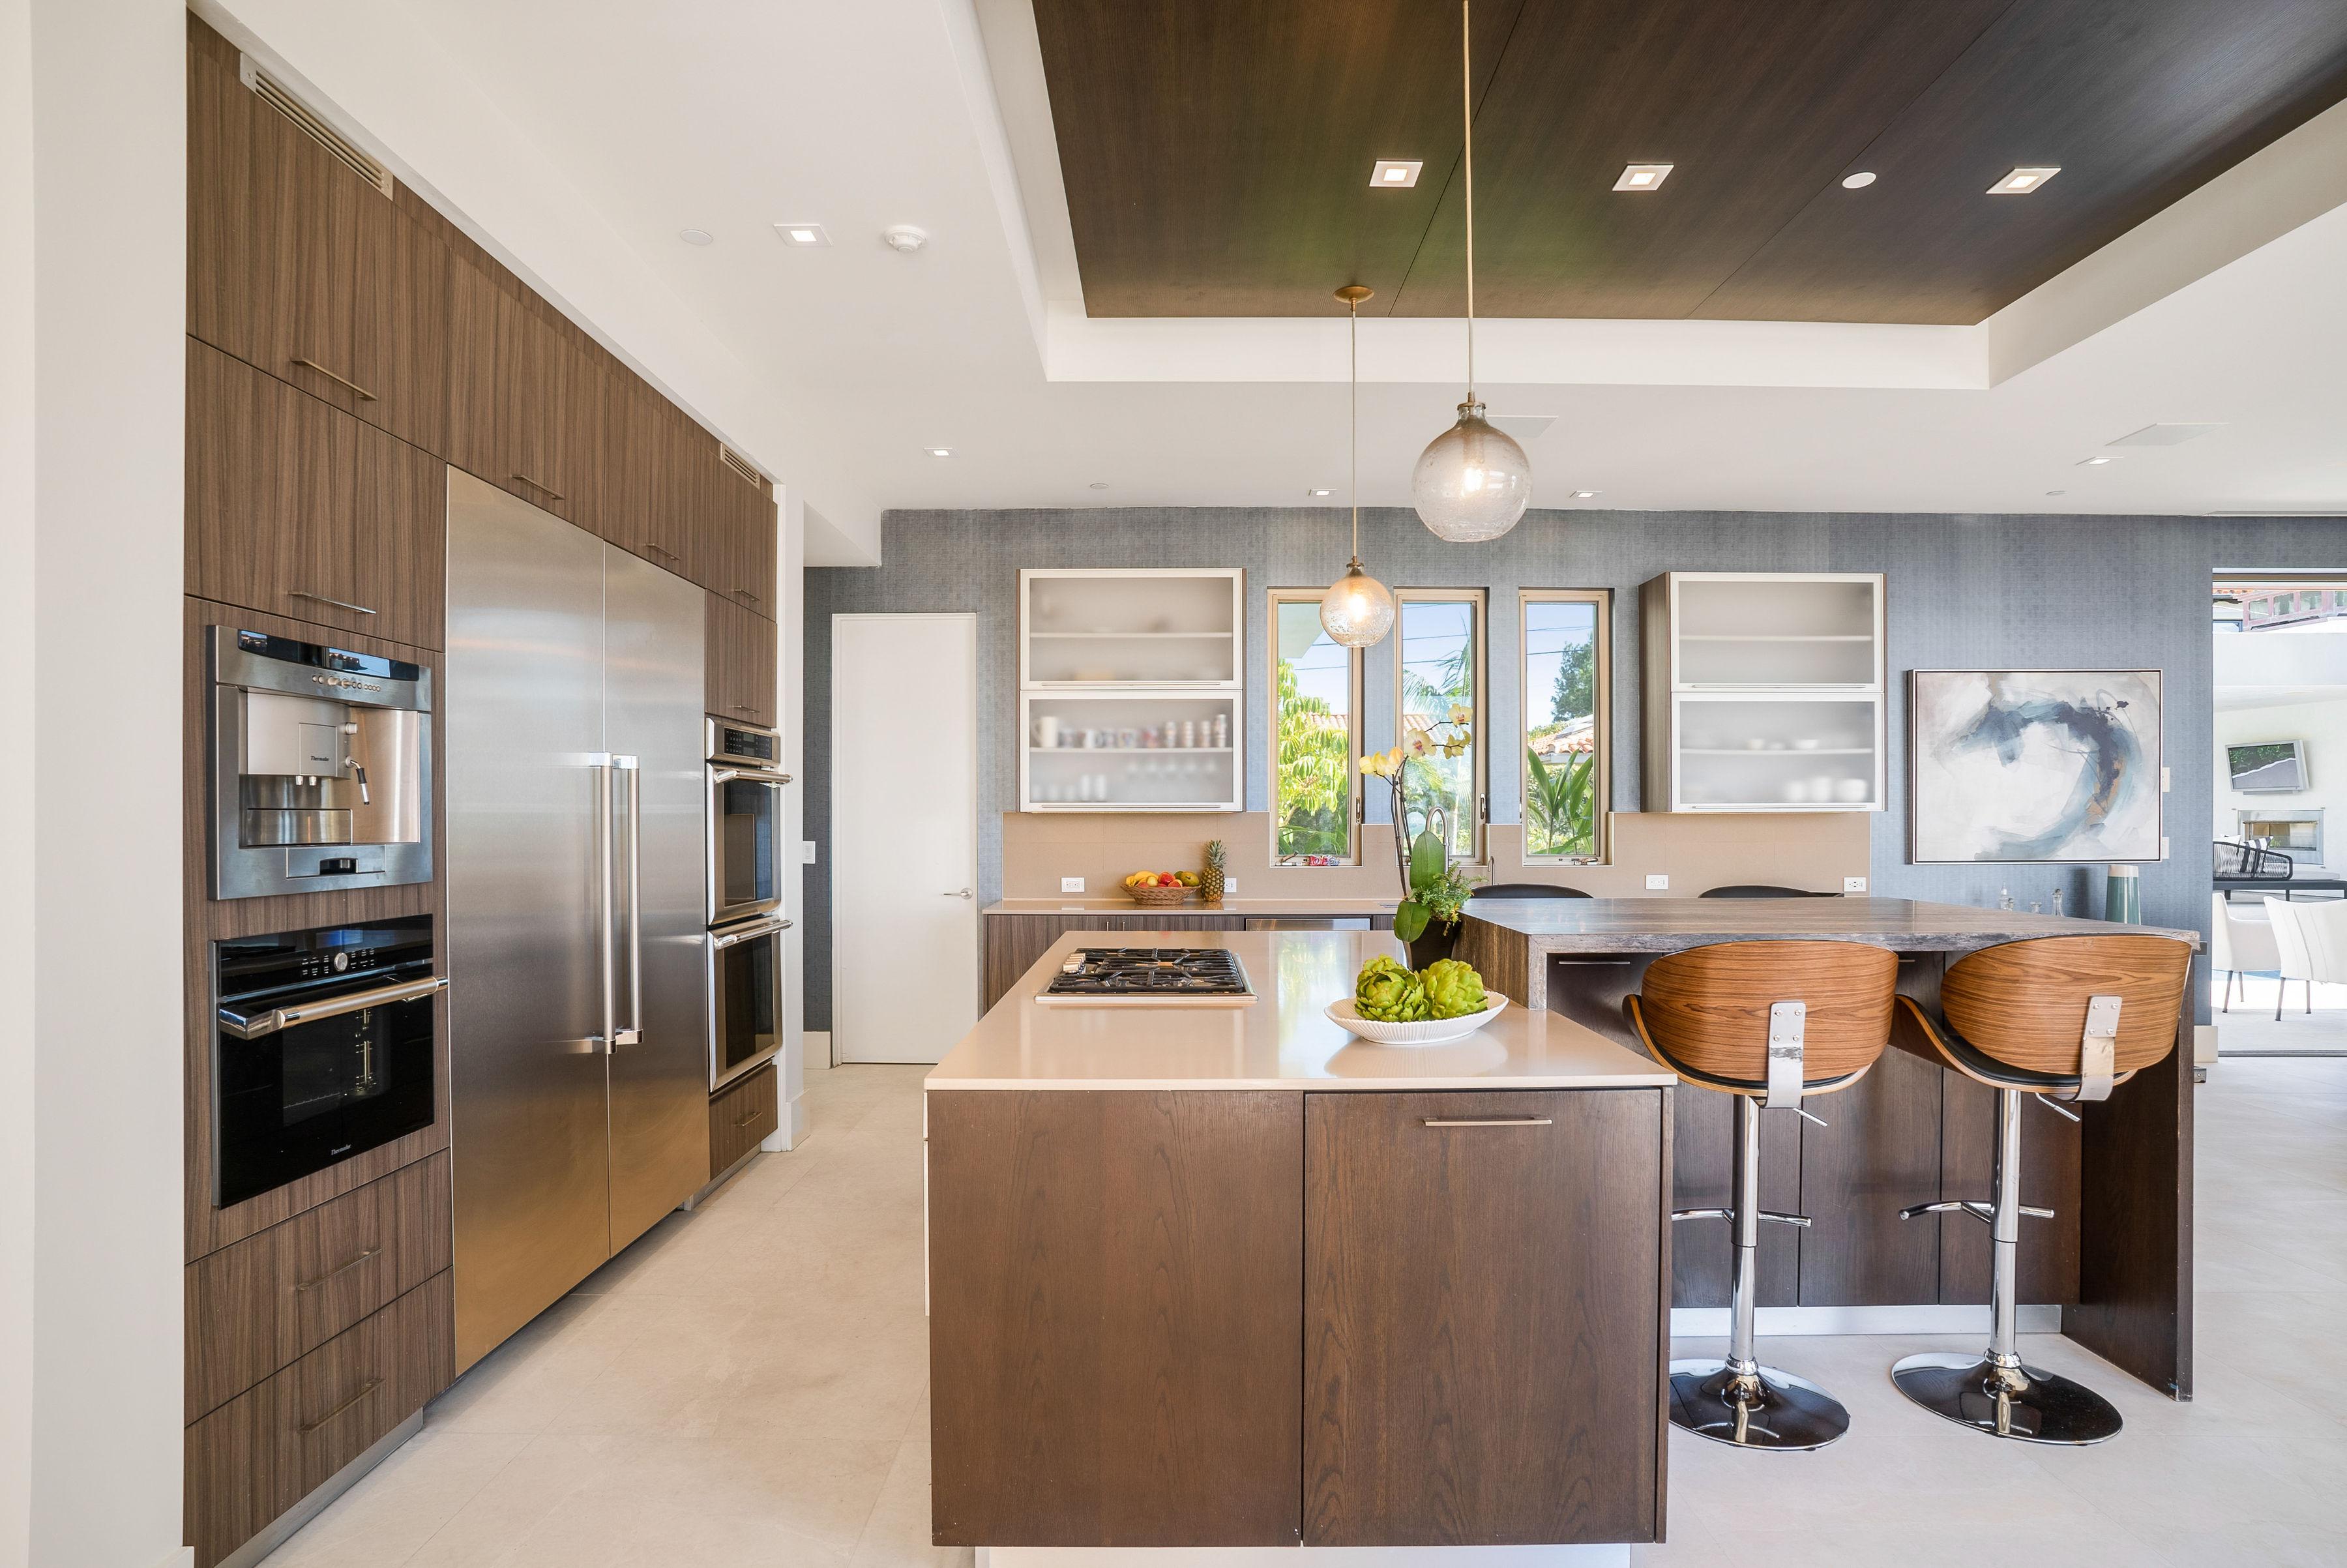 beach house Modern kitchen by celebrity interior designer Lori Dennis in Manhattan Beach house